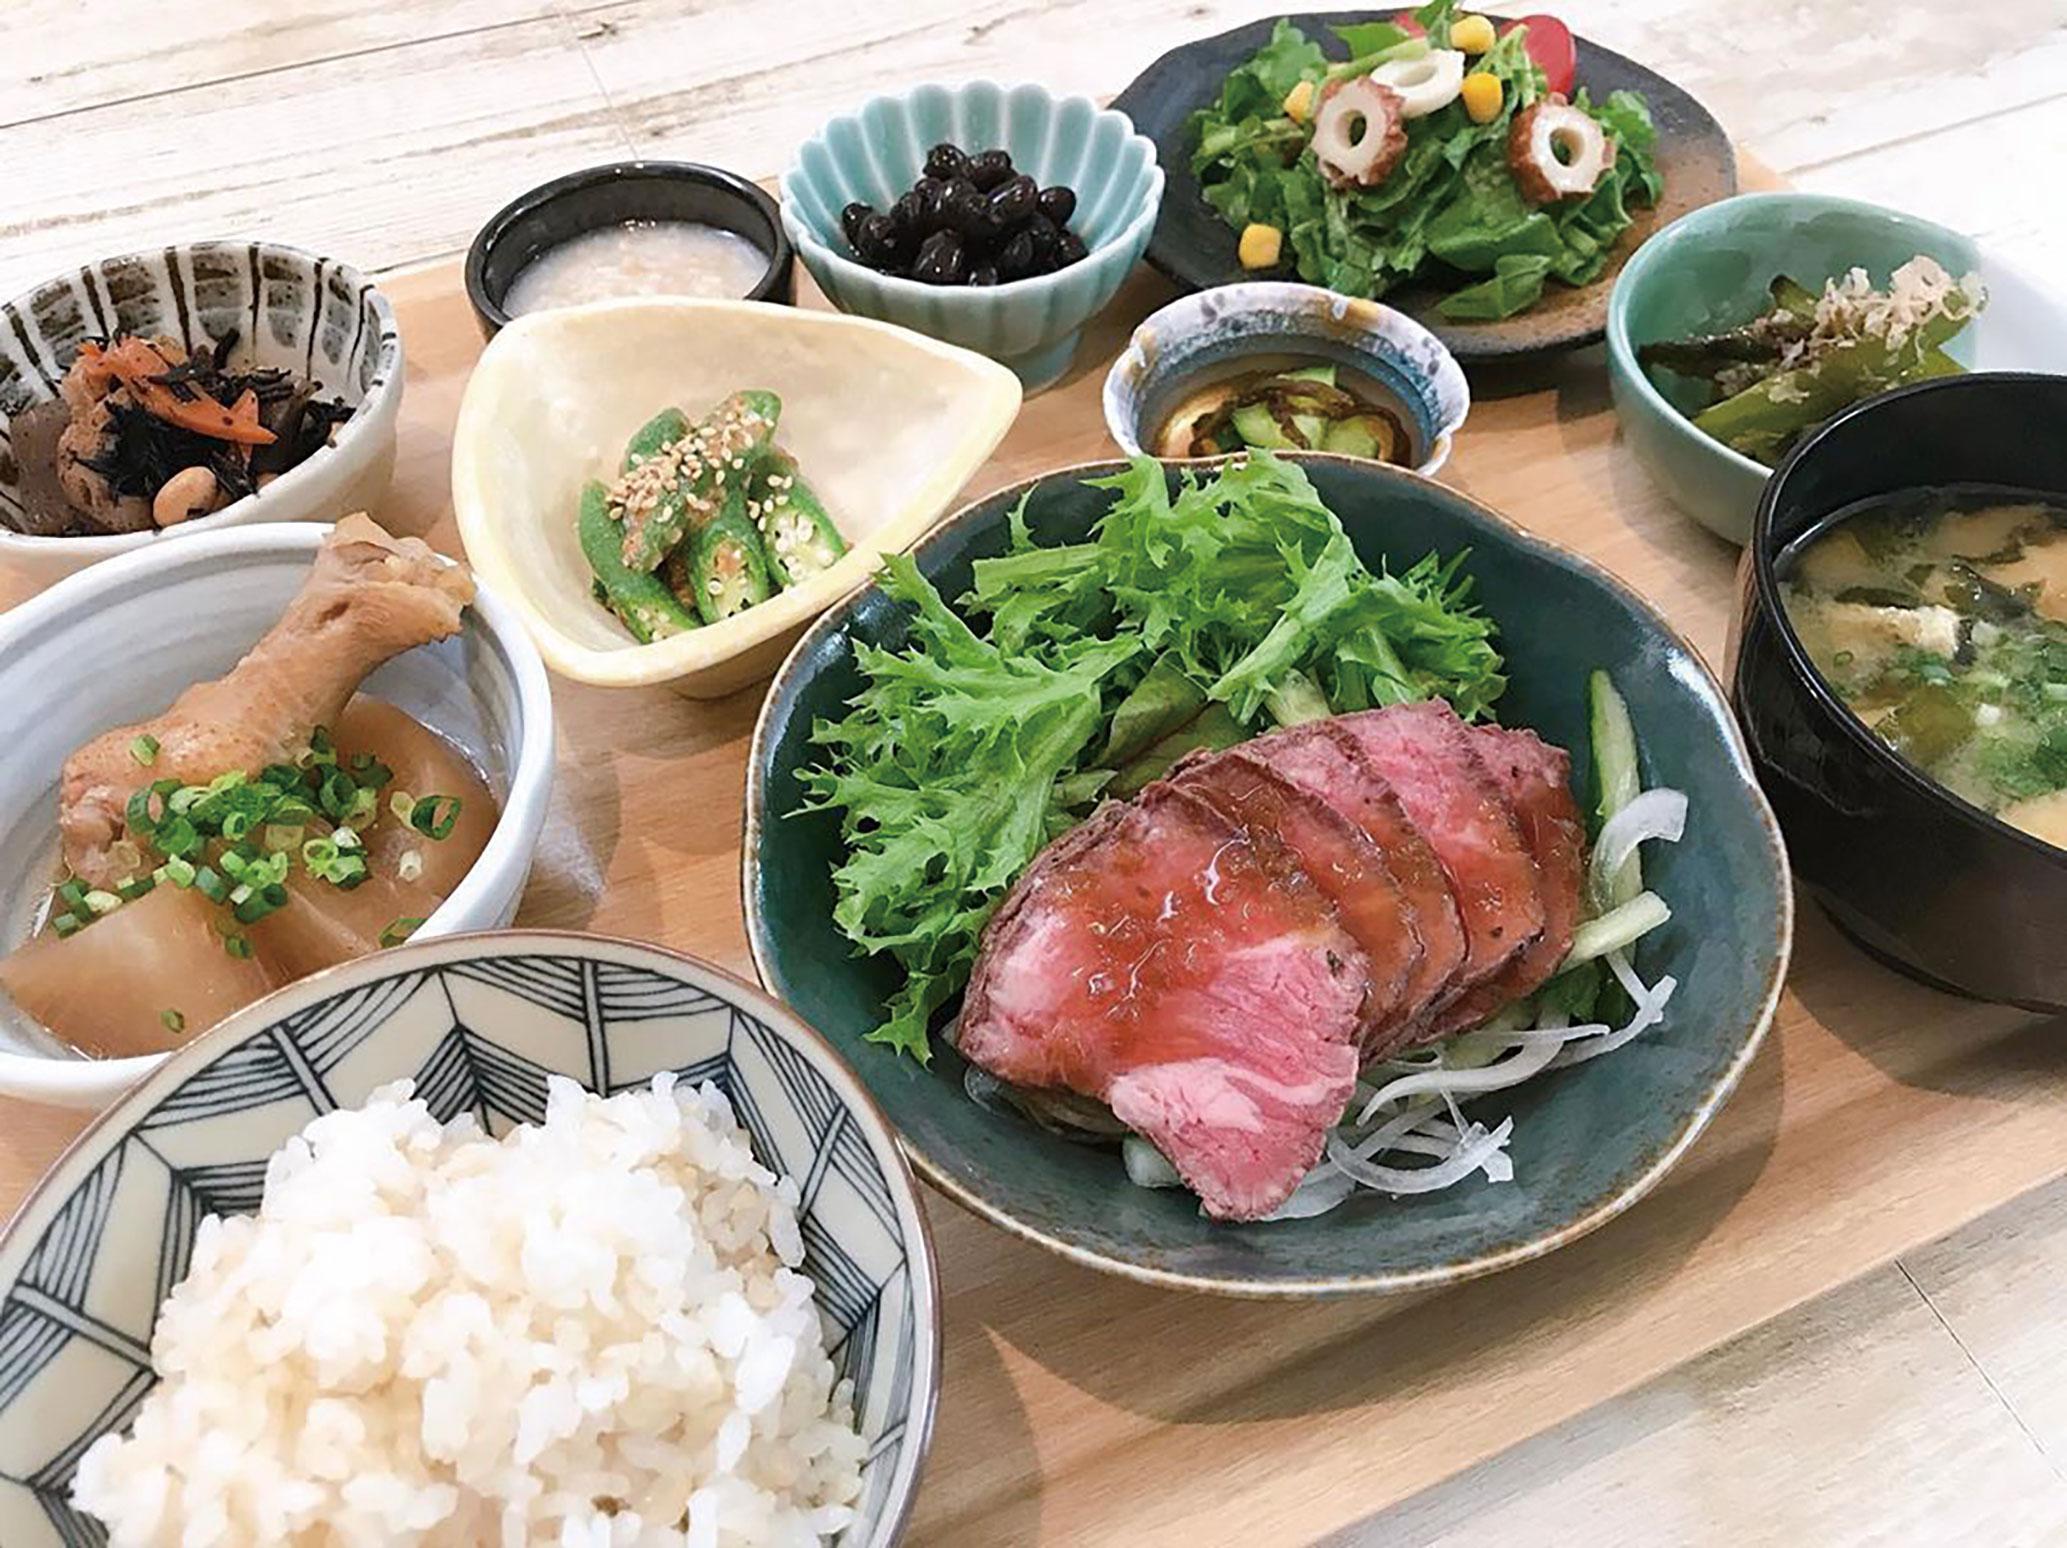 米、野菜、卵、砂糖、油までこだわった日替わりの「笑ごぜん(1650円)」。主菜は店内黒板にてご確認を。 写真は人気のローストビーフ。